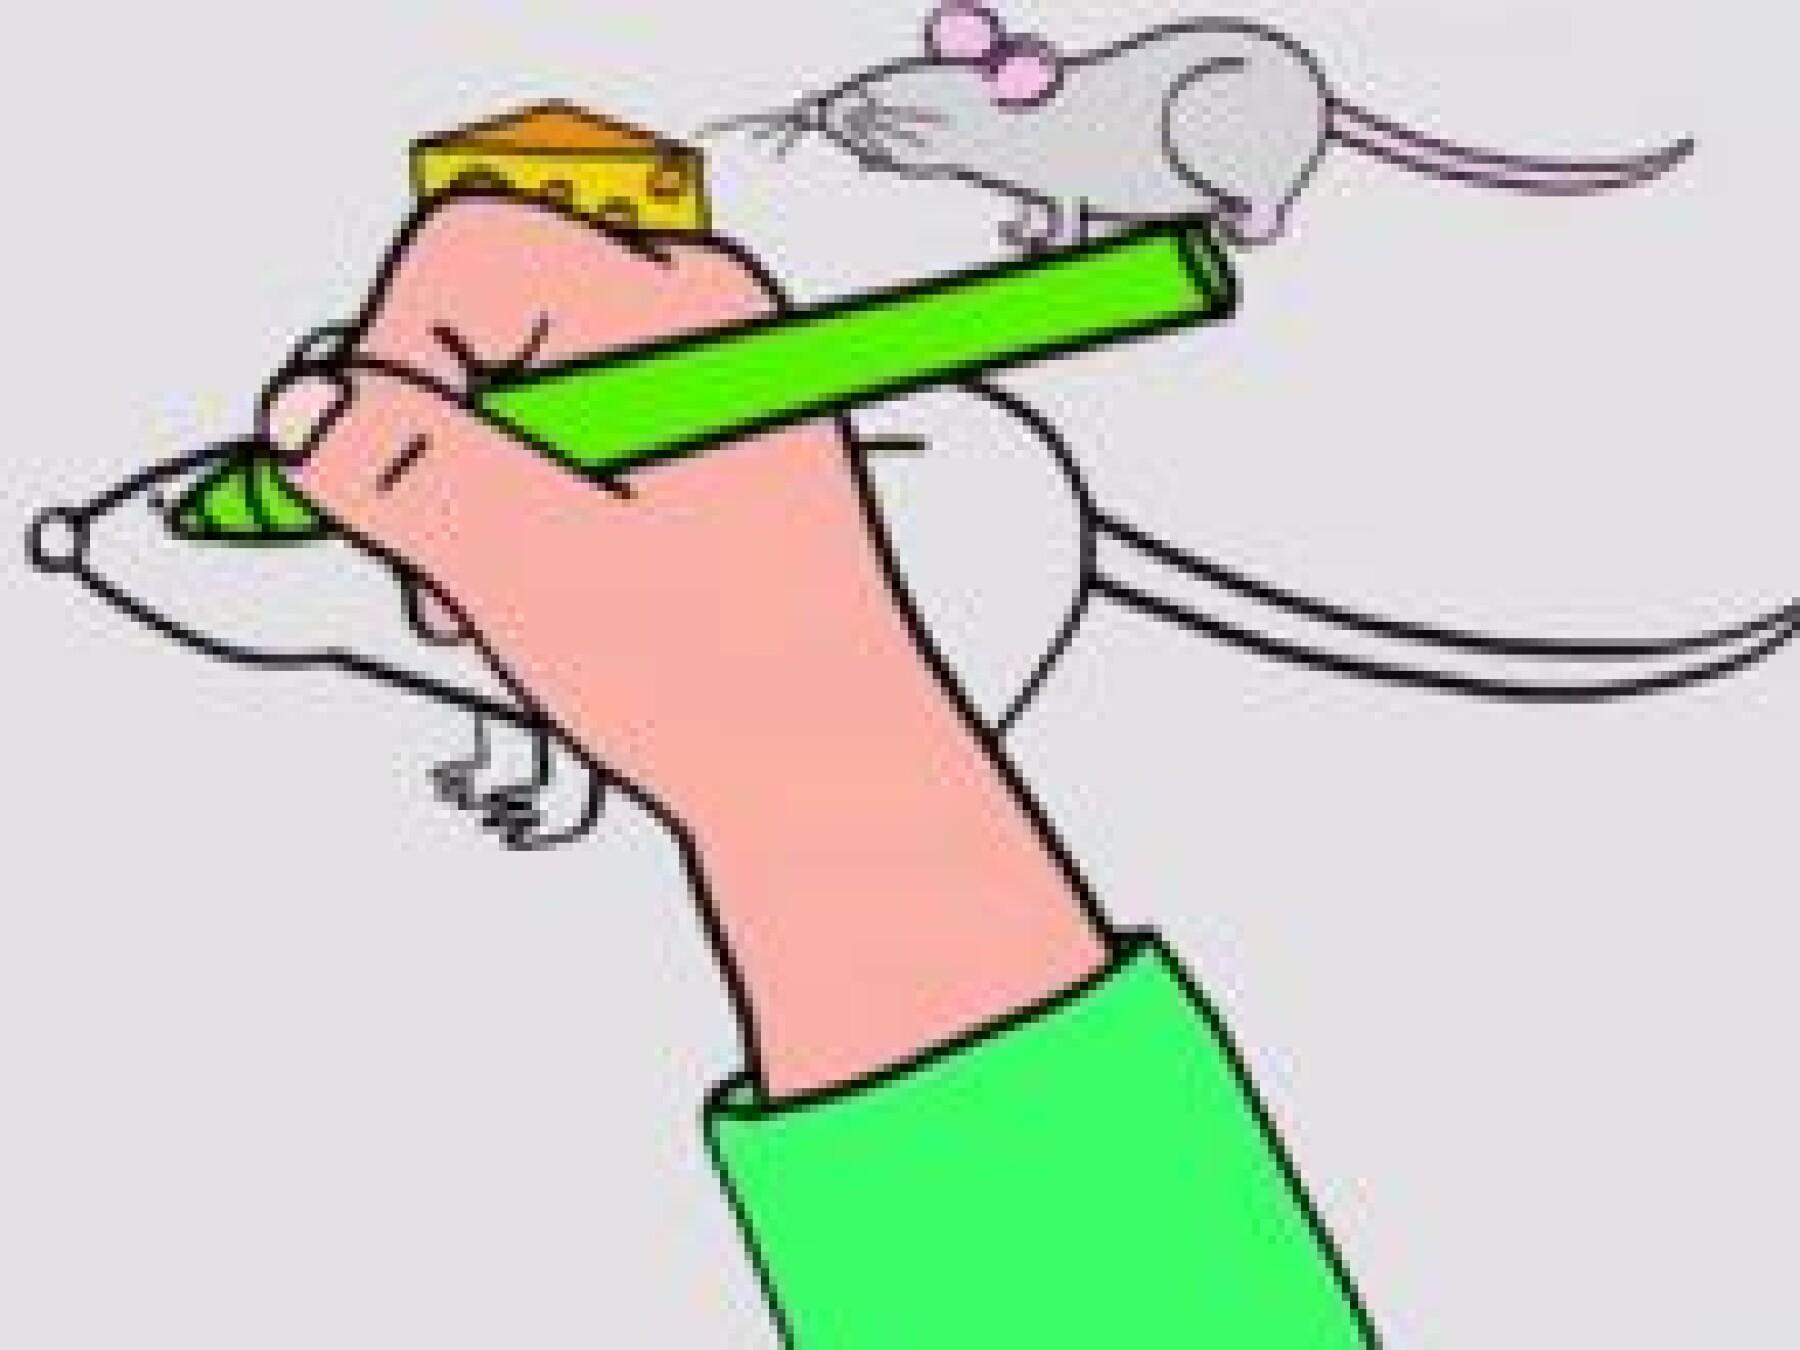 Dessiner une souris